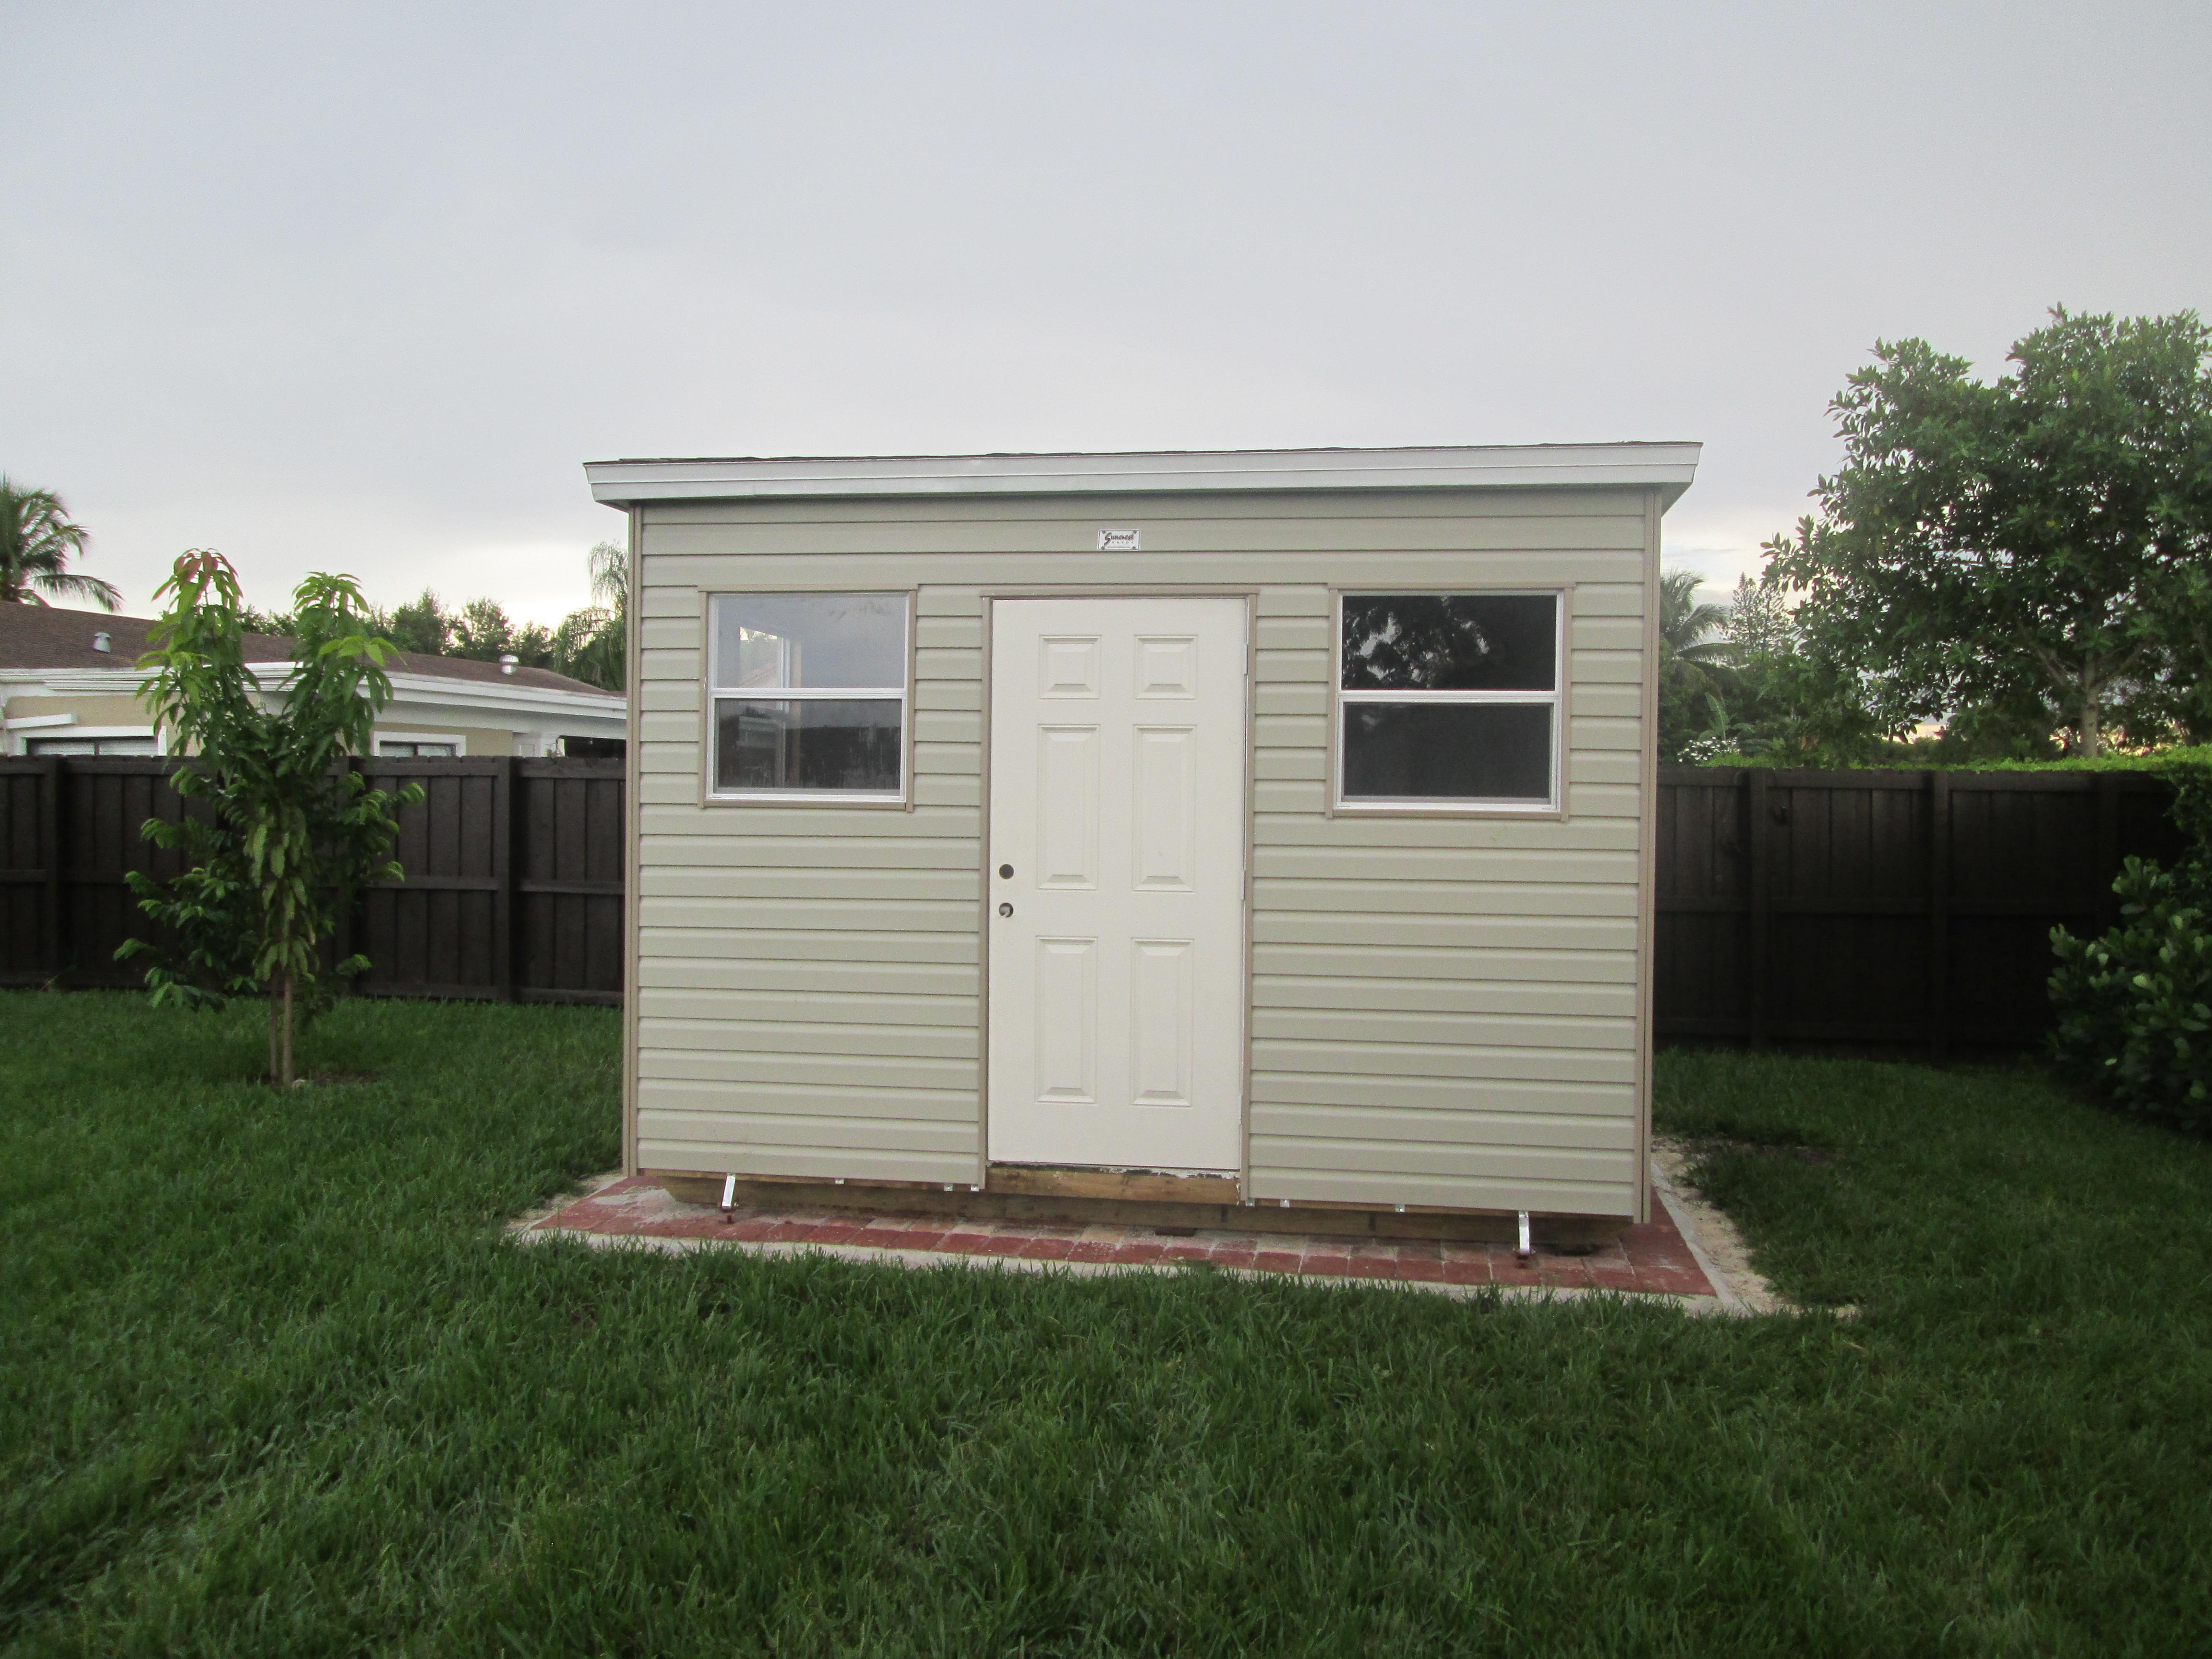 8x14 , 8 walls, home doors